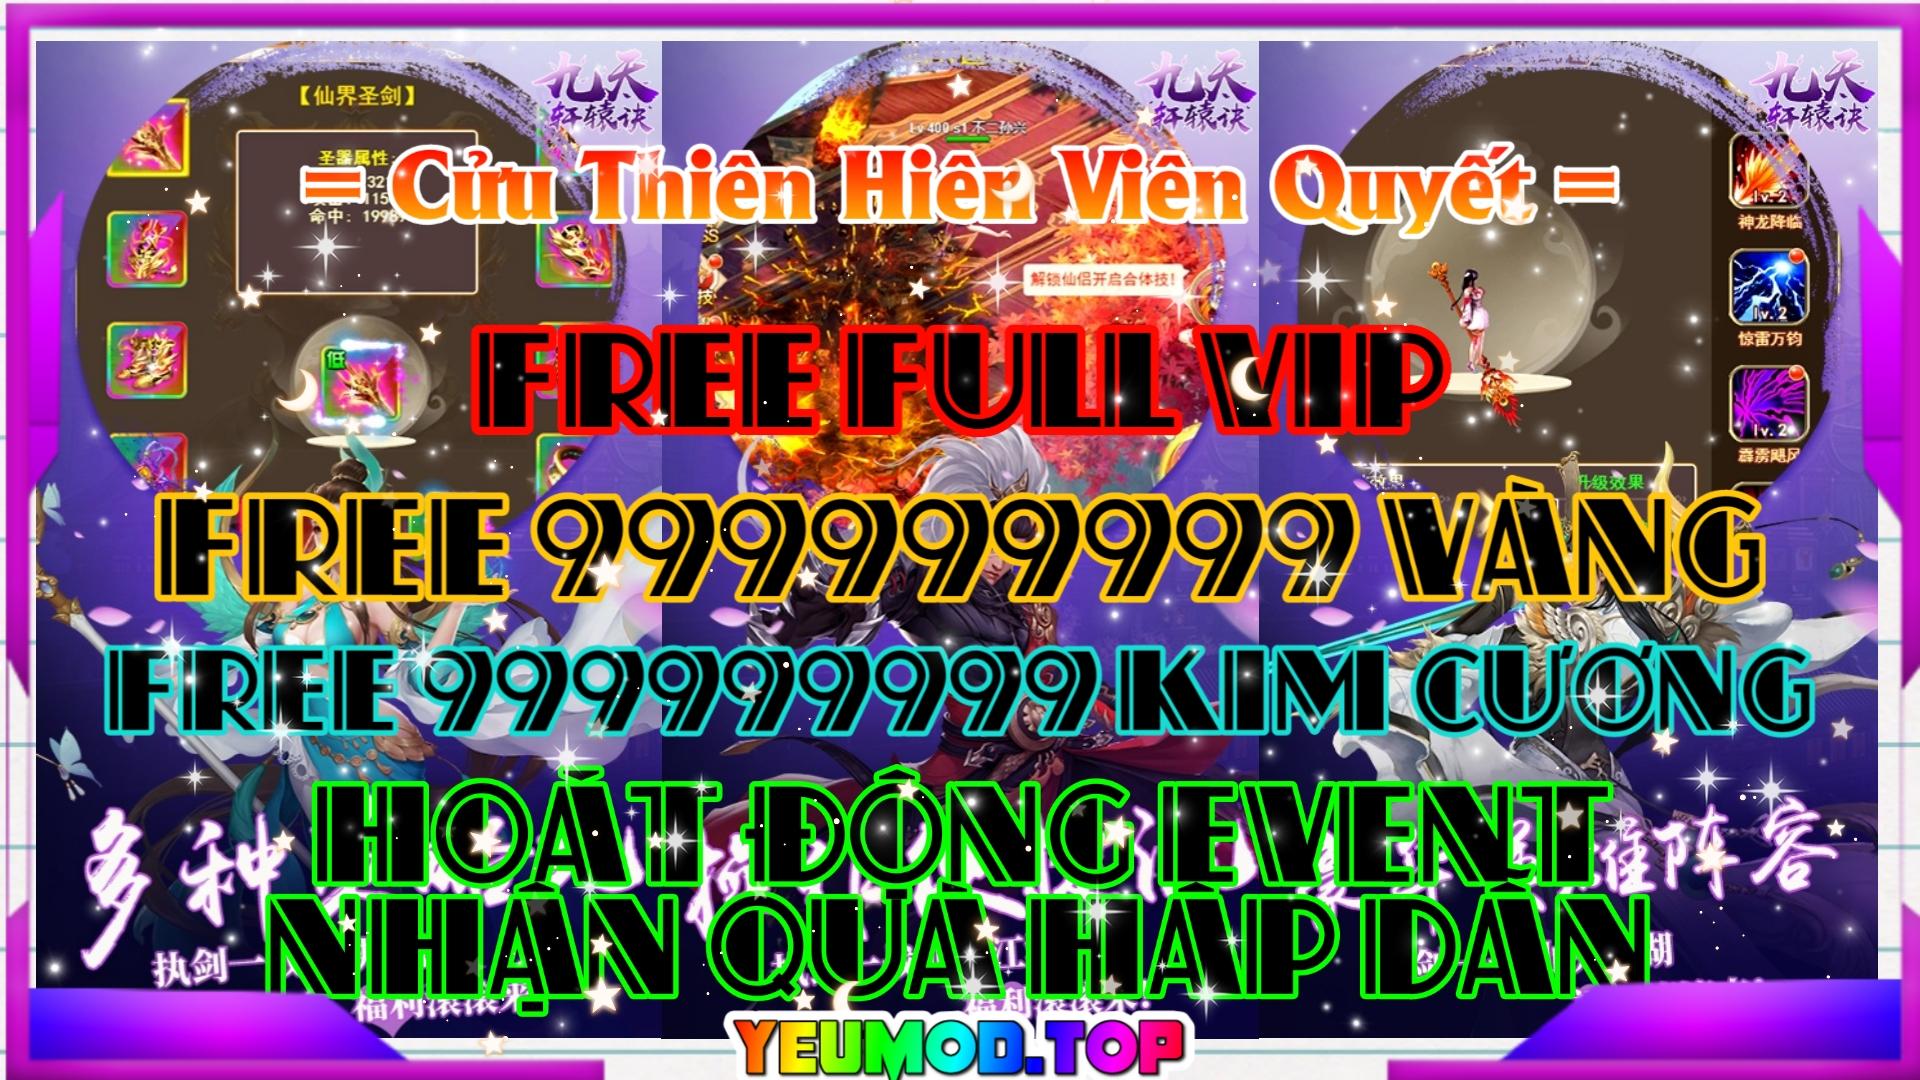 Cửu Thiên Hiên Viên Quyết Private | Free Full VIP | 999999999 Kim Cương | 999999999 Vàng | Hoạt Động Event Nhận Quà Hấp Dẫn 1